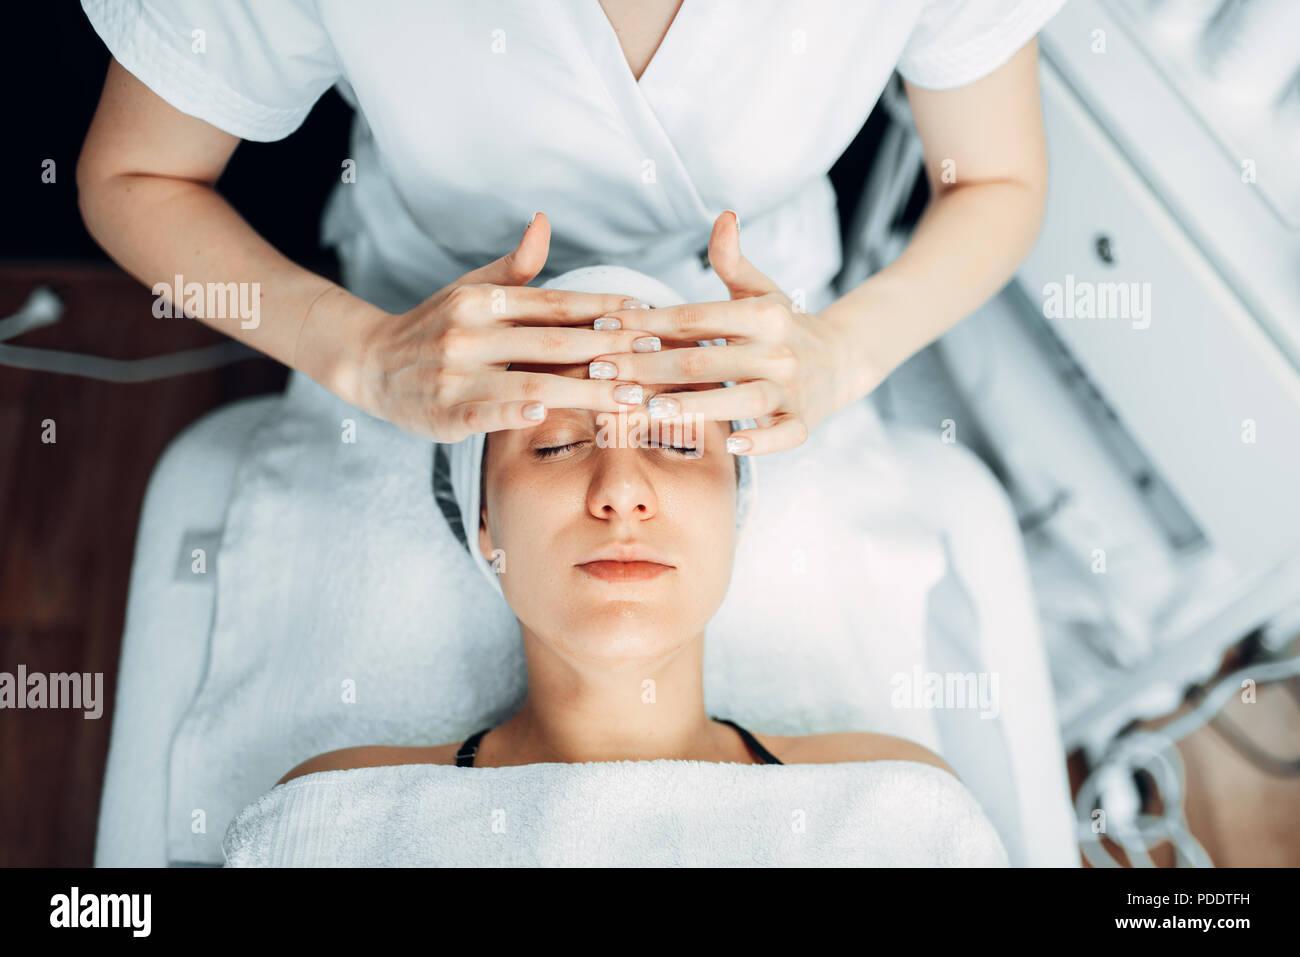 Kosmetikerin reibt die Creme auf die weiblichen Patienten Stockbild